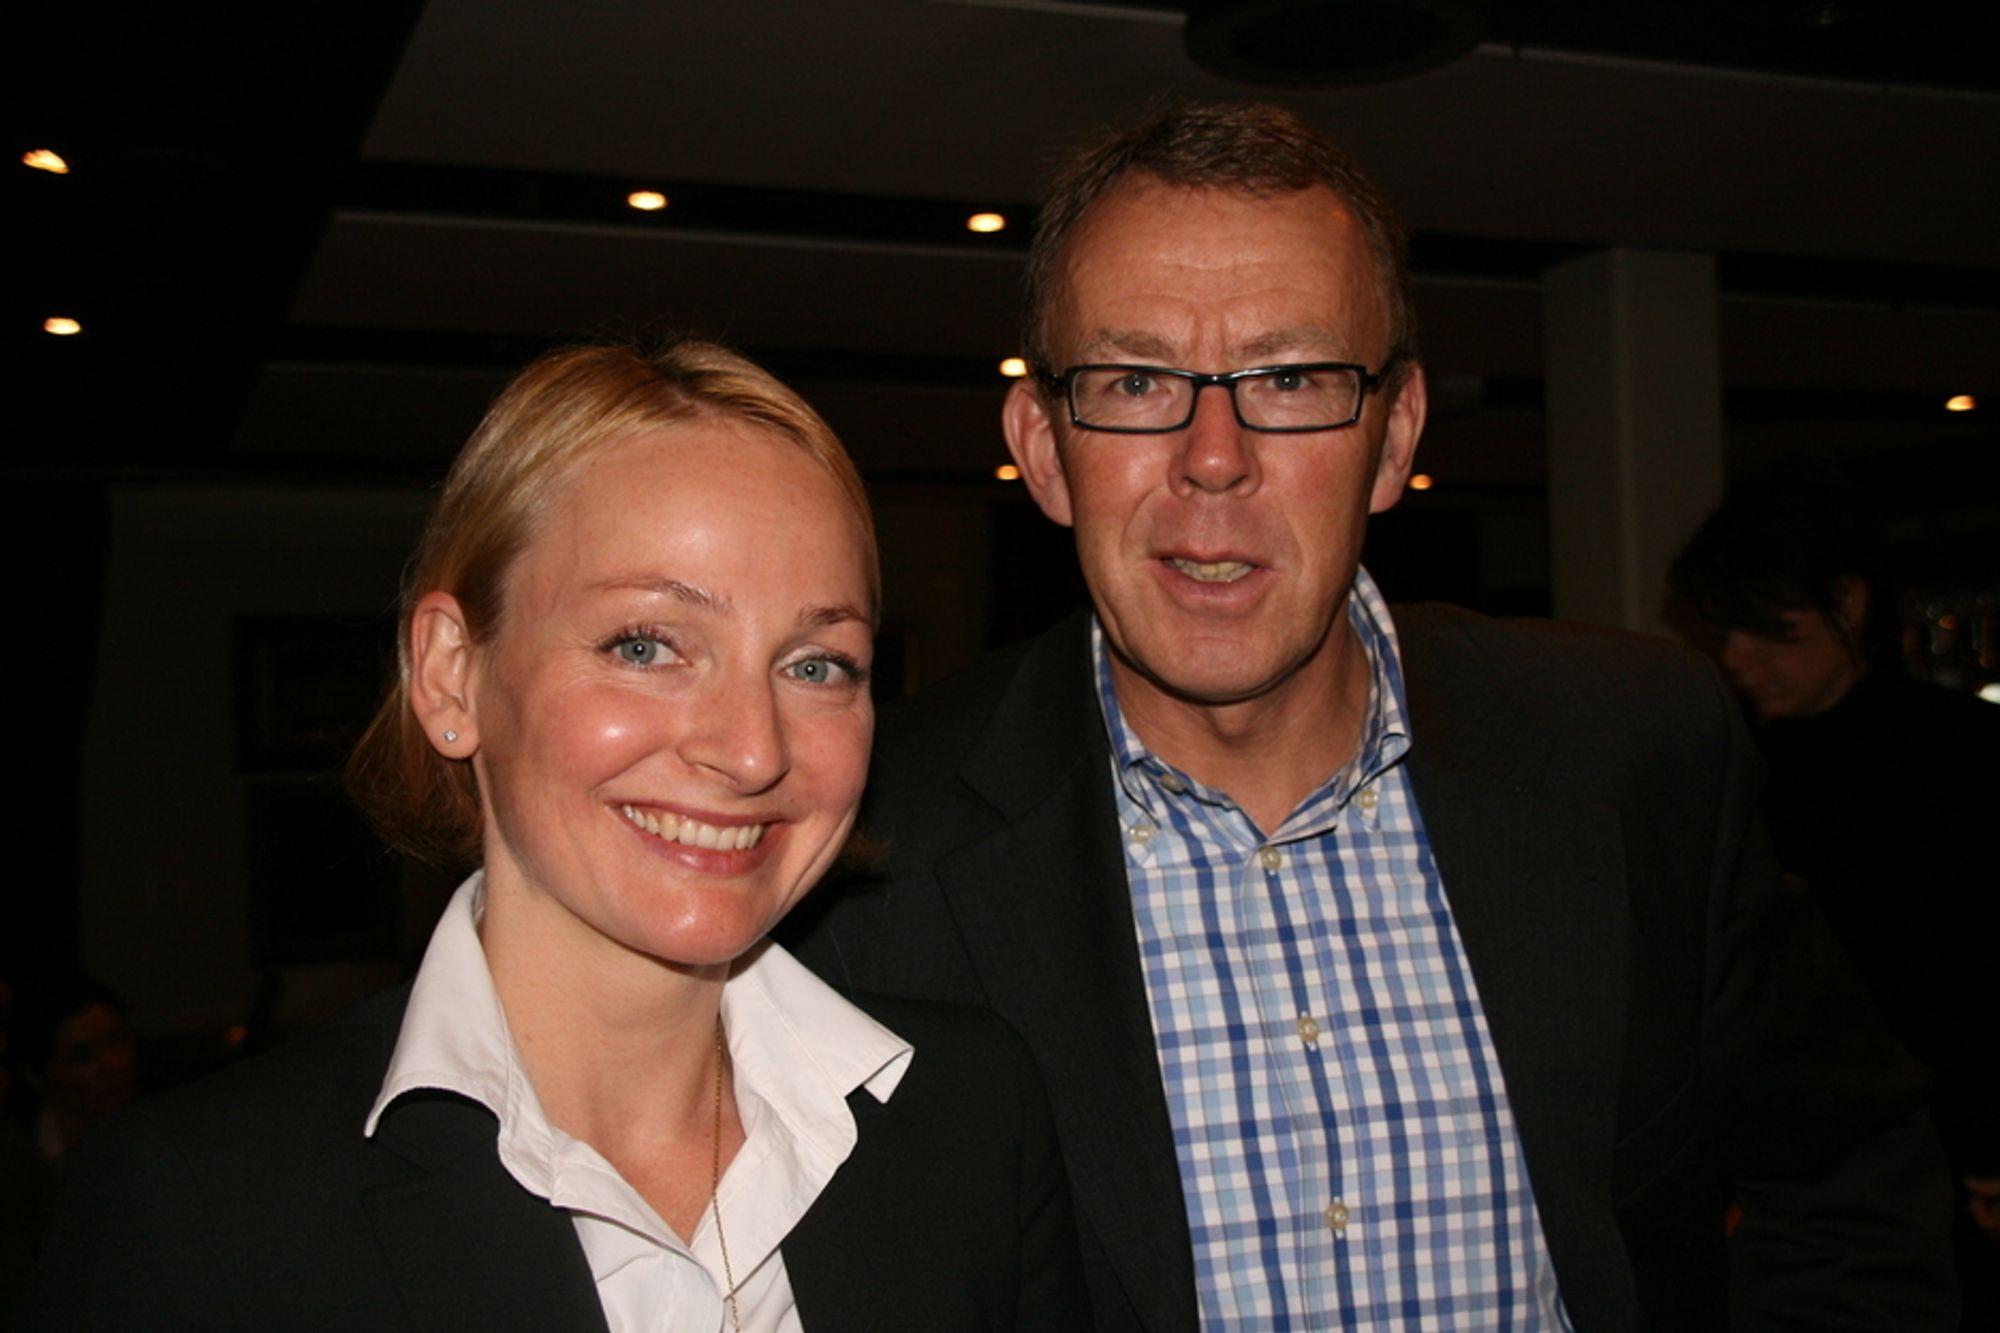 AMBISIØSE: Prosjektleder Liv Freihow og generalsekretær Per Morten Hoff vil undersøke potensiale for kutt i bransjen og sette ambisiøse mål. Foto: Tone Tveøy Strøm-Gundersen